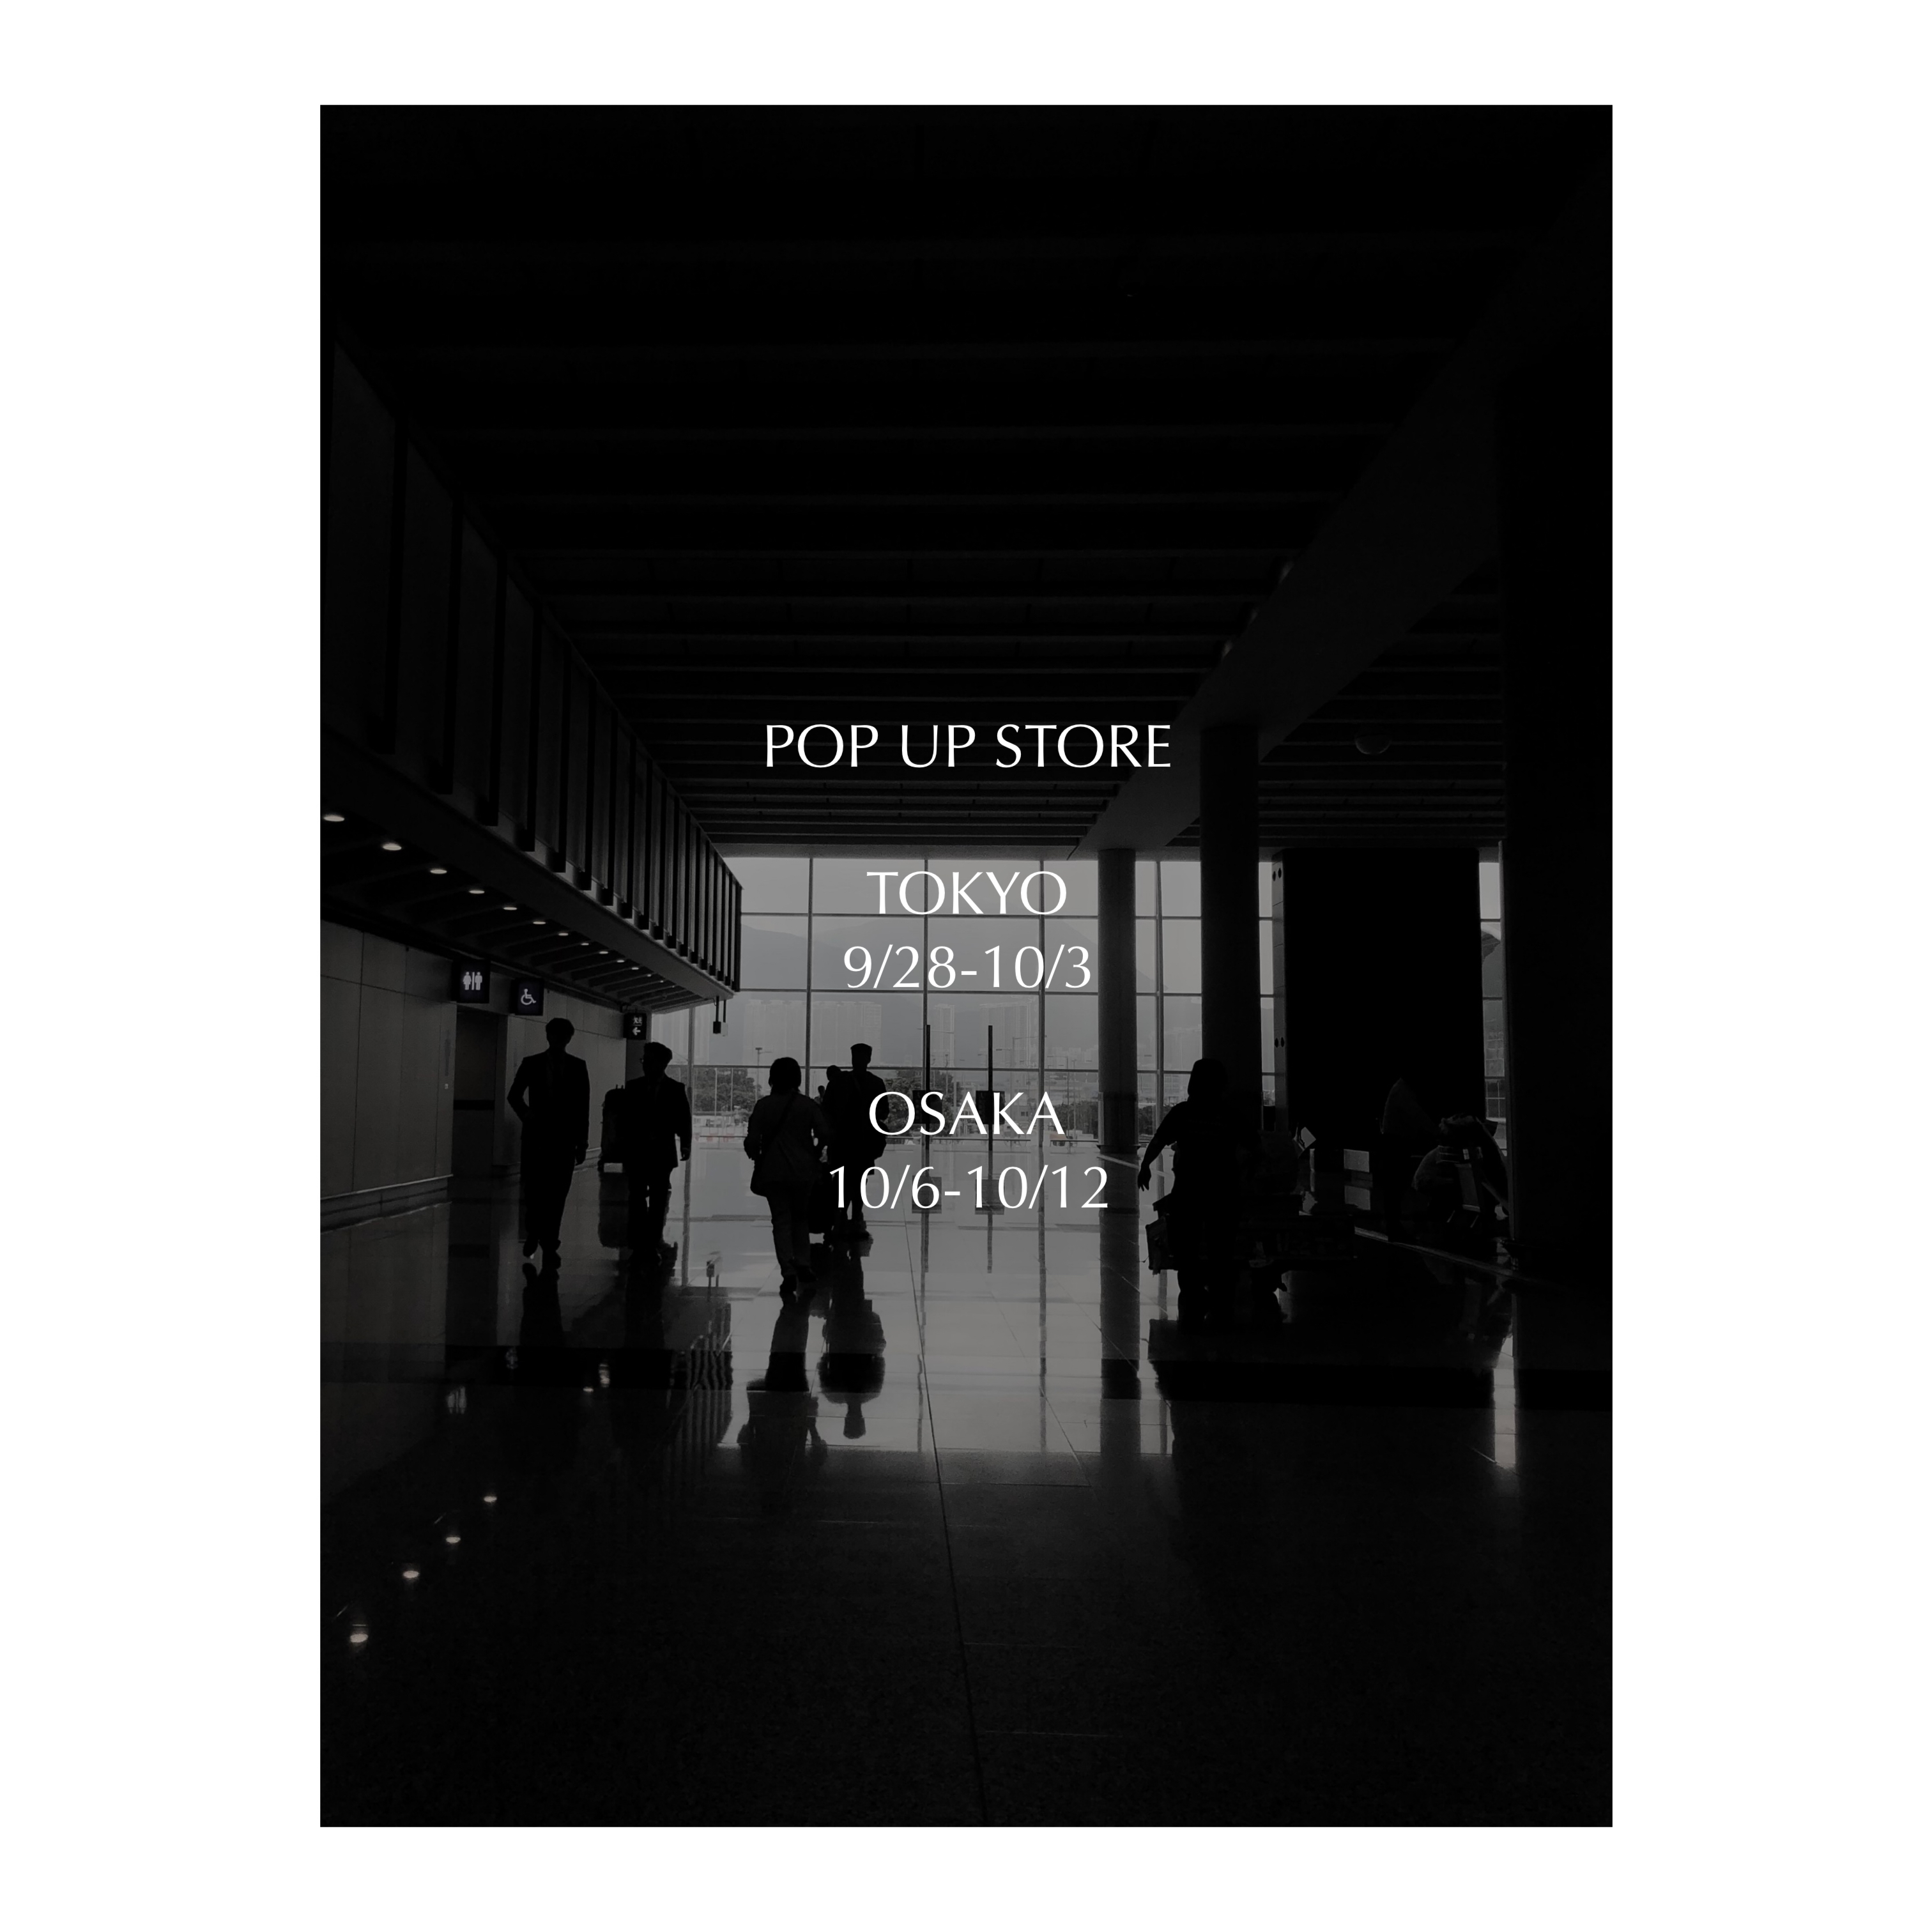 イベント:POP UP STORE(大阪) 阪急梅田 10/6-10/12